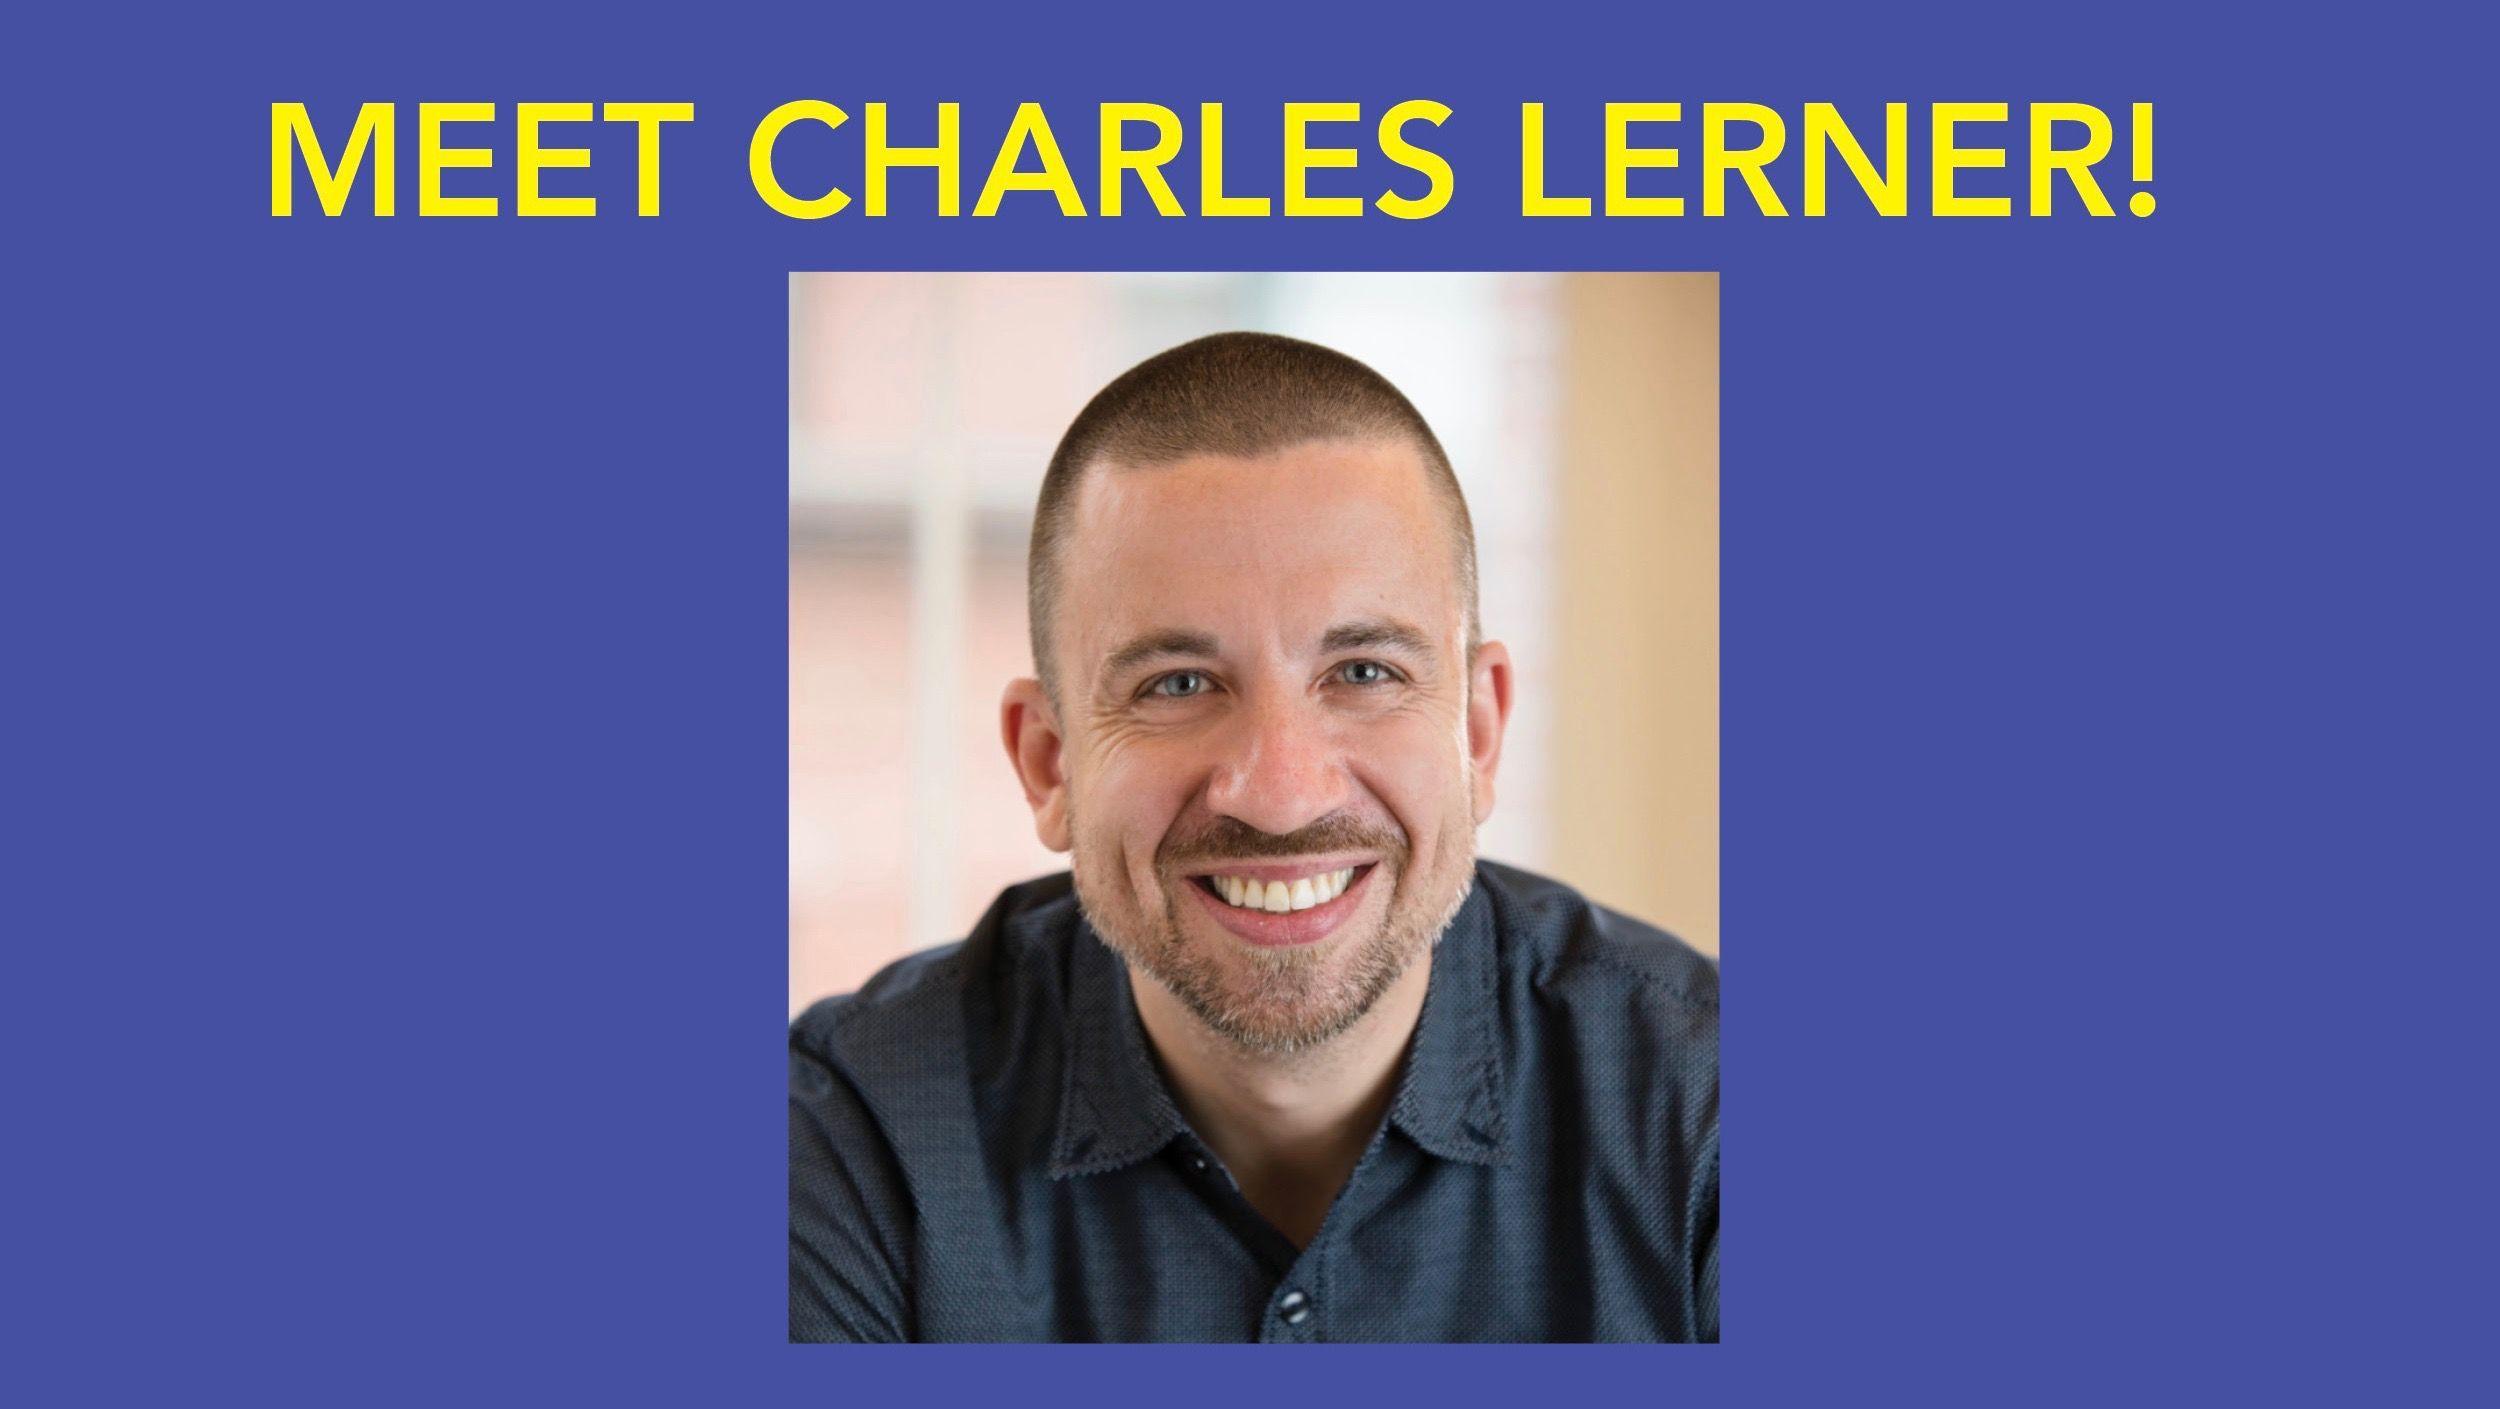 Meet Charles Lerner